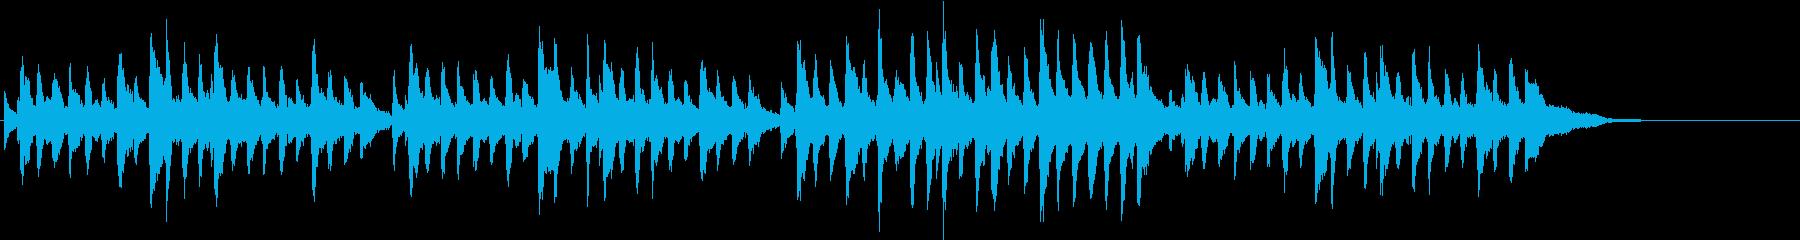 レントラー(シューベルト)の再生済みの波形